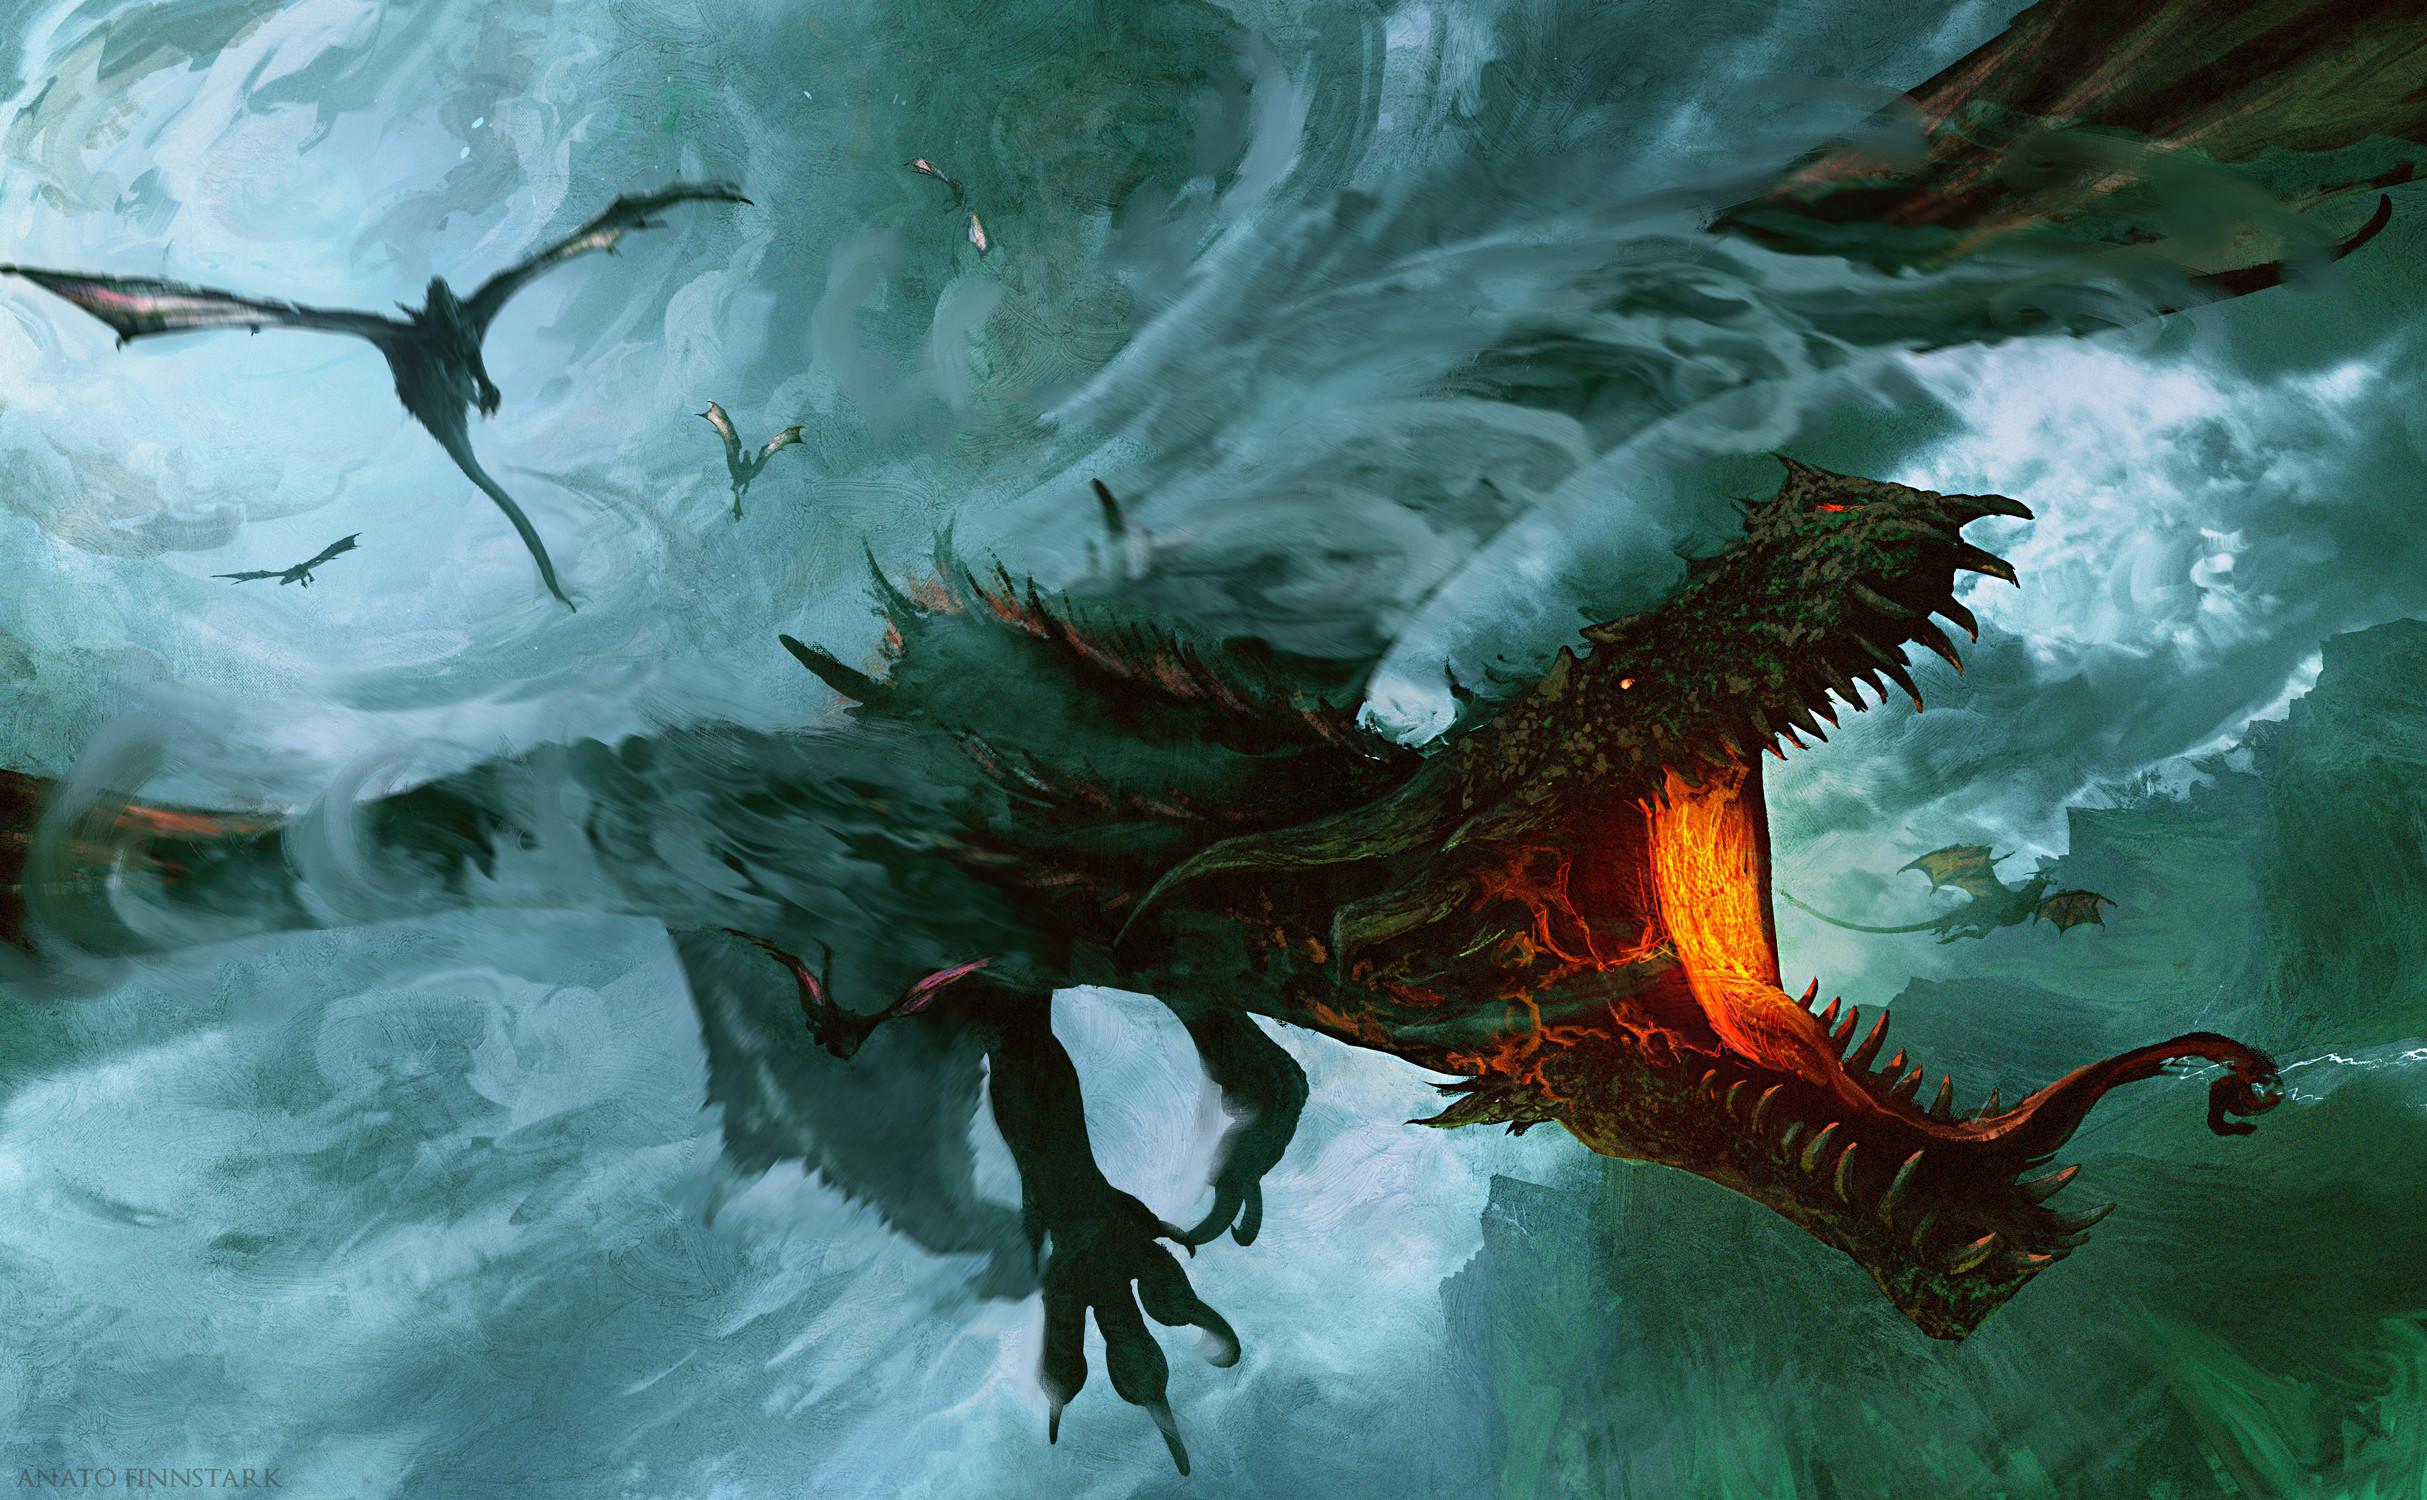 General 2427x1500 artwork ArtStation dragon fantasy art creature Anato Finnstark